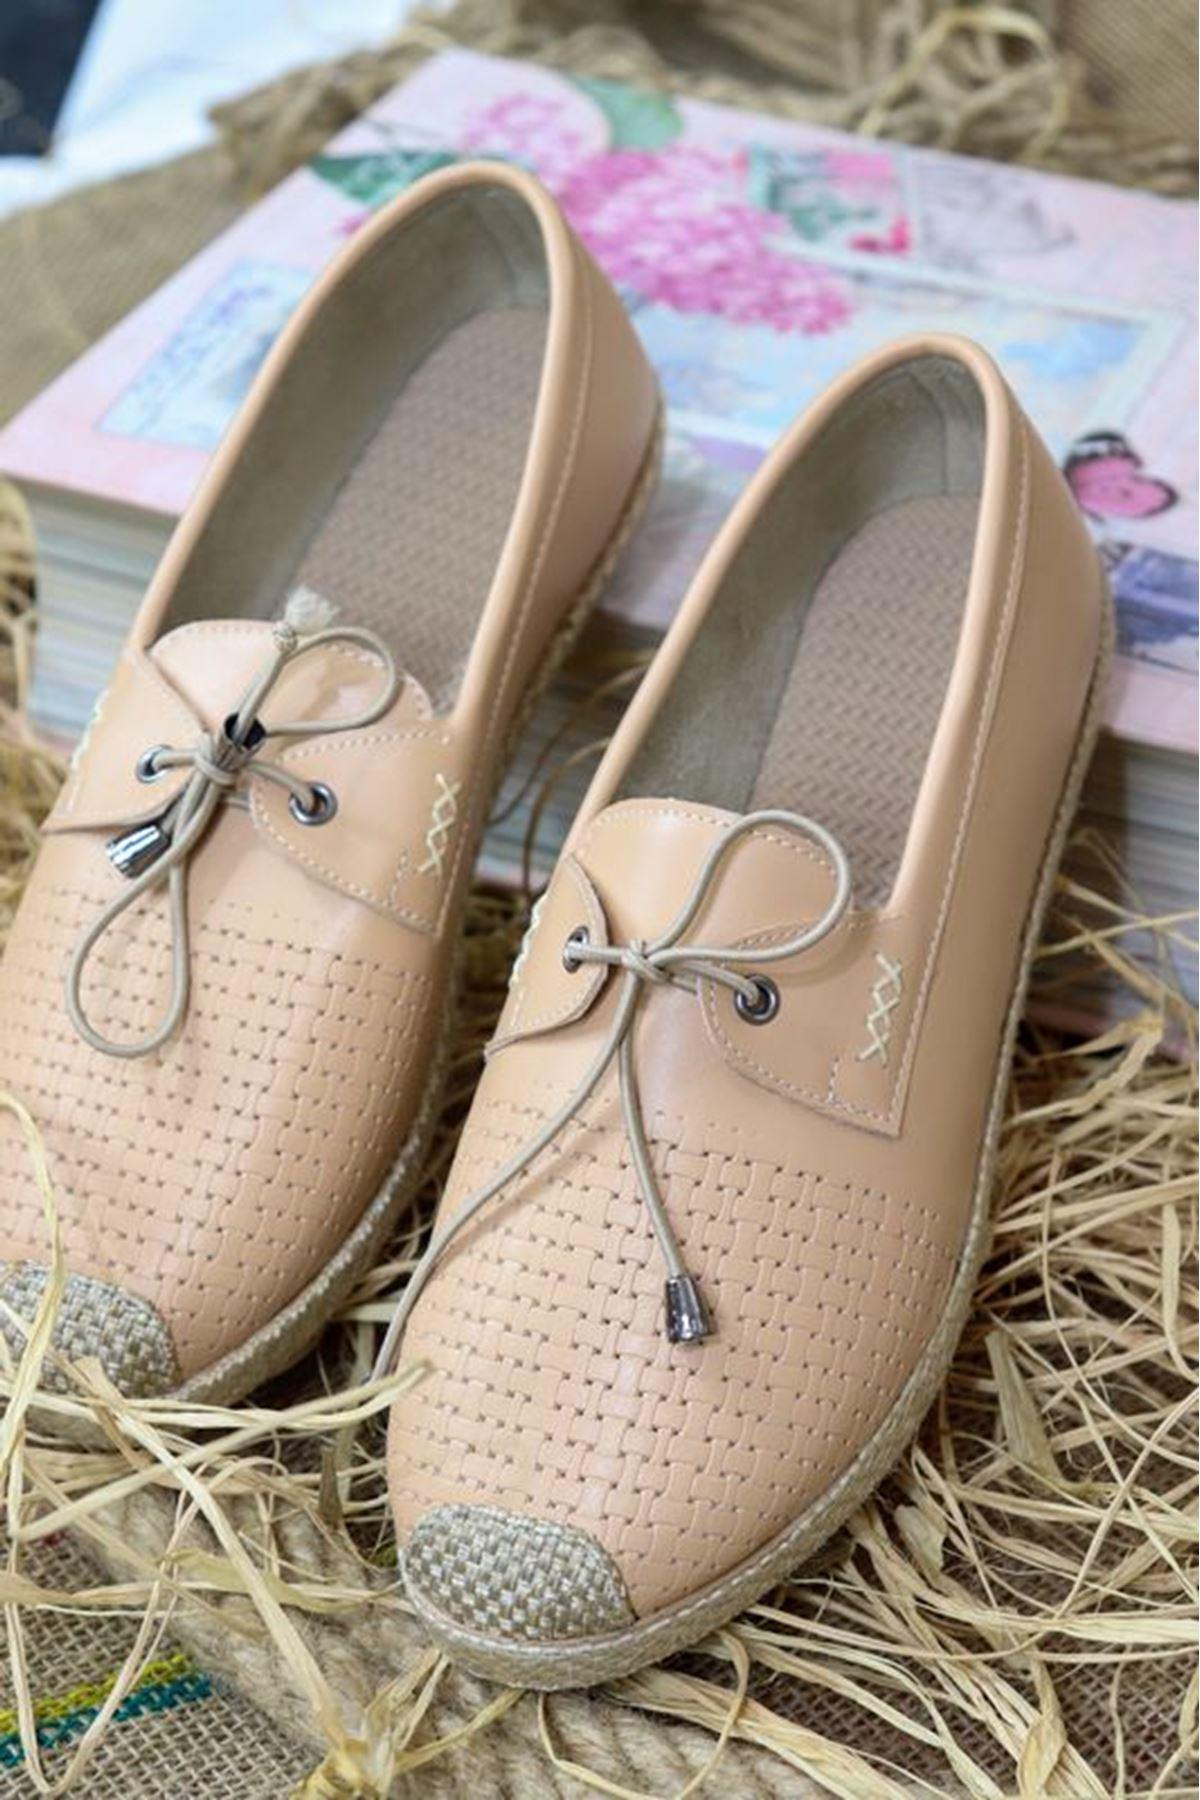 Trendayakkabı - Pudra Hasır Taban kadın ayakkabısı